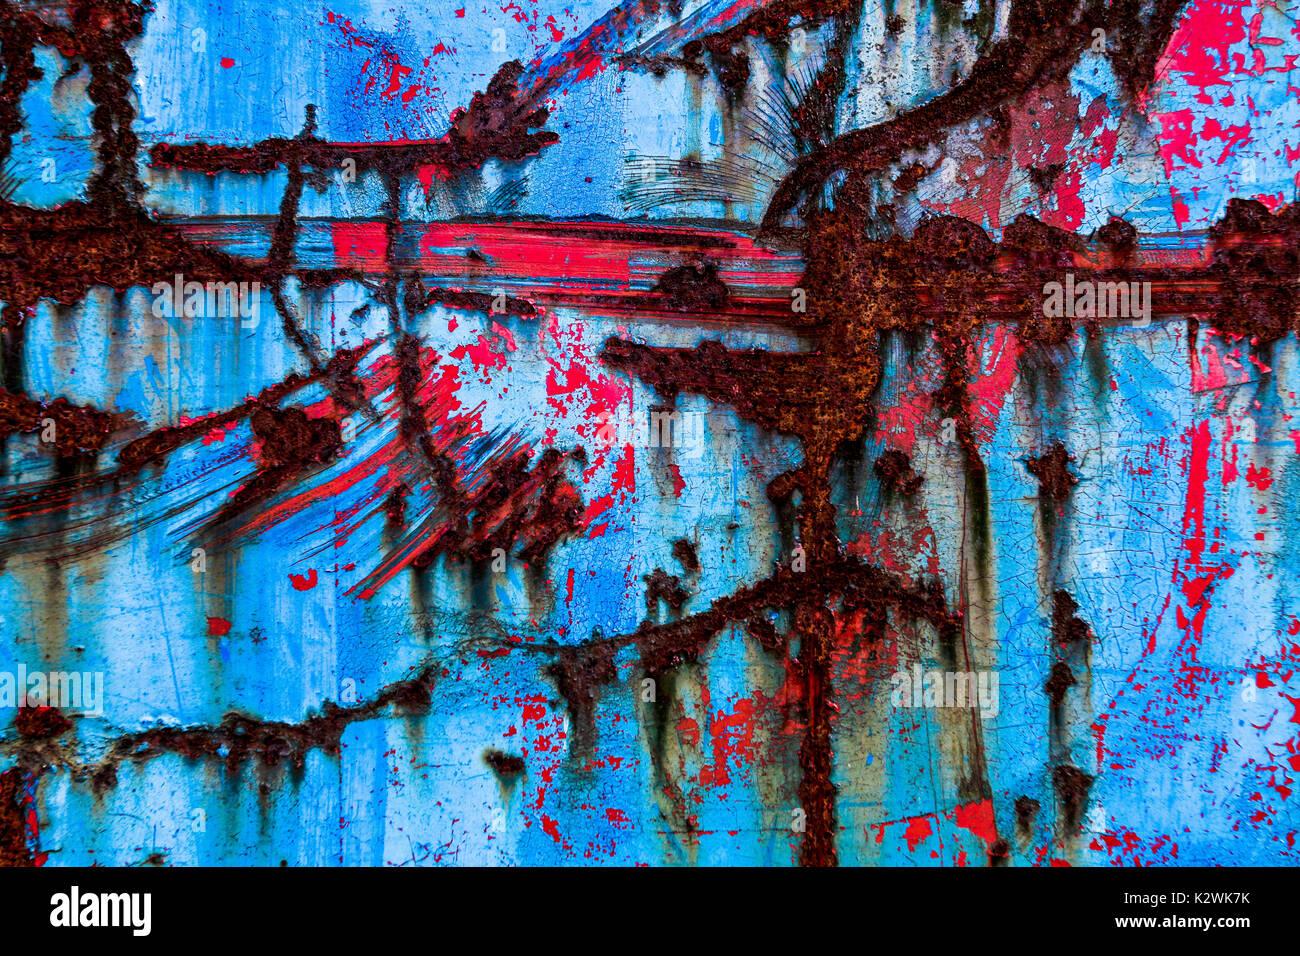 Zusammenfassung Der Blauen Und Roten Farbe Mit Rost Und Die